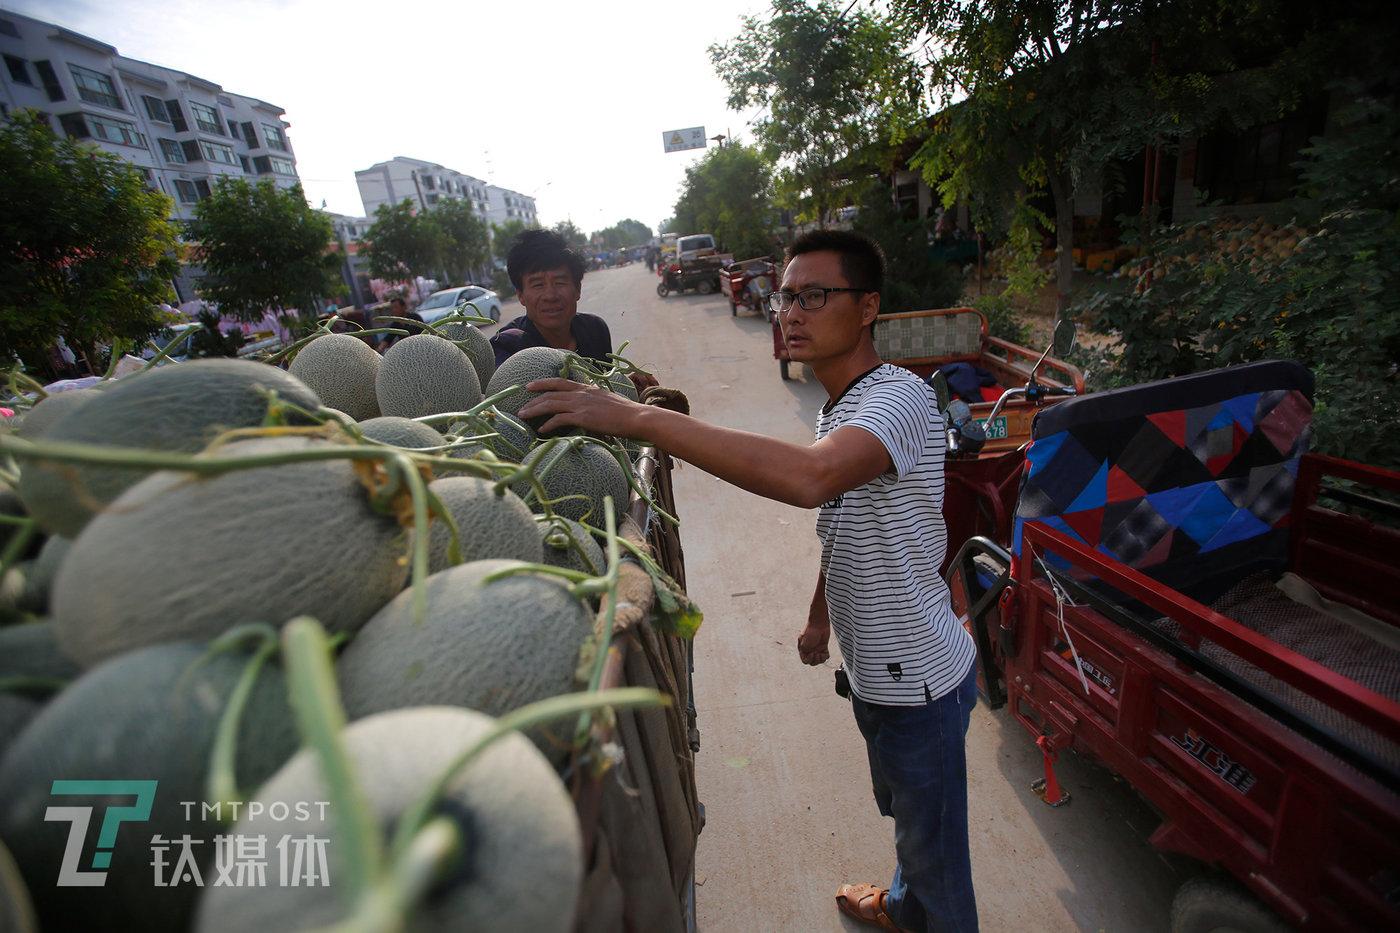 来自杭州的水果商老陈截住从瓜档门口经过的三轮车,开始跟瓜农商量价格。